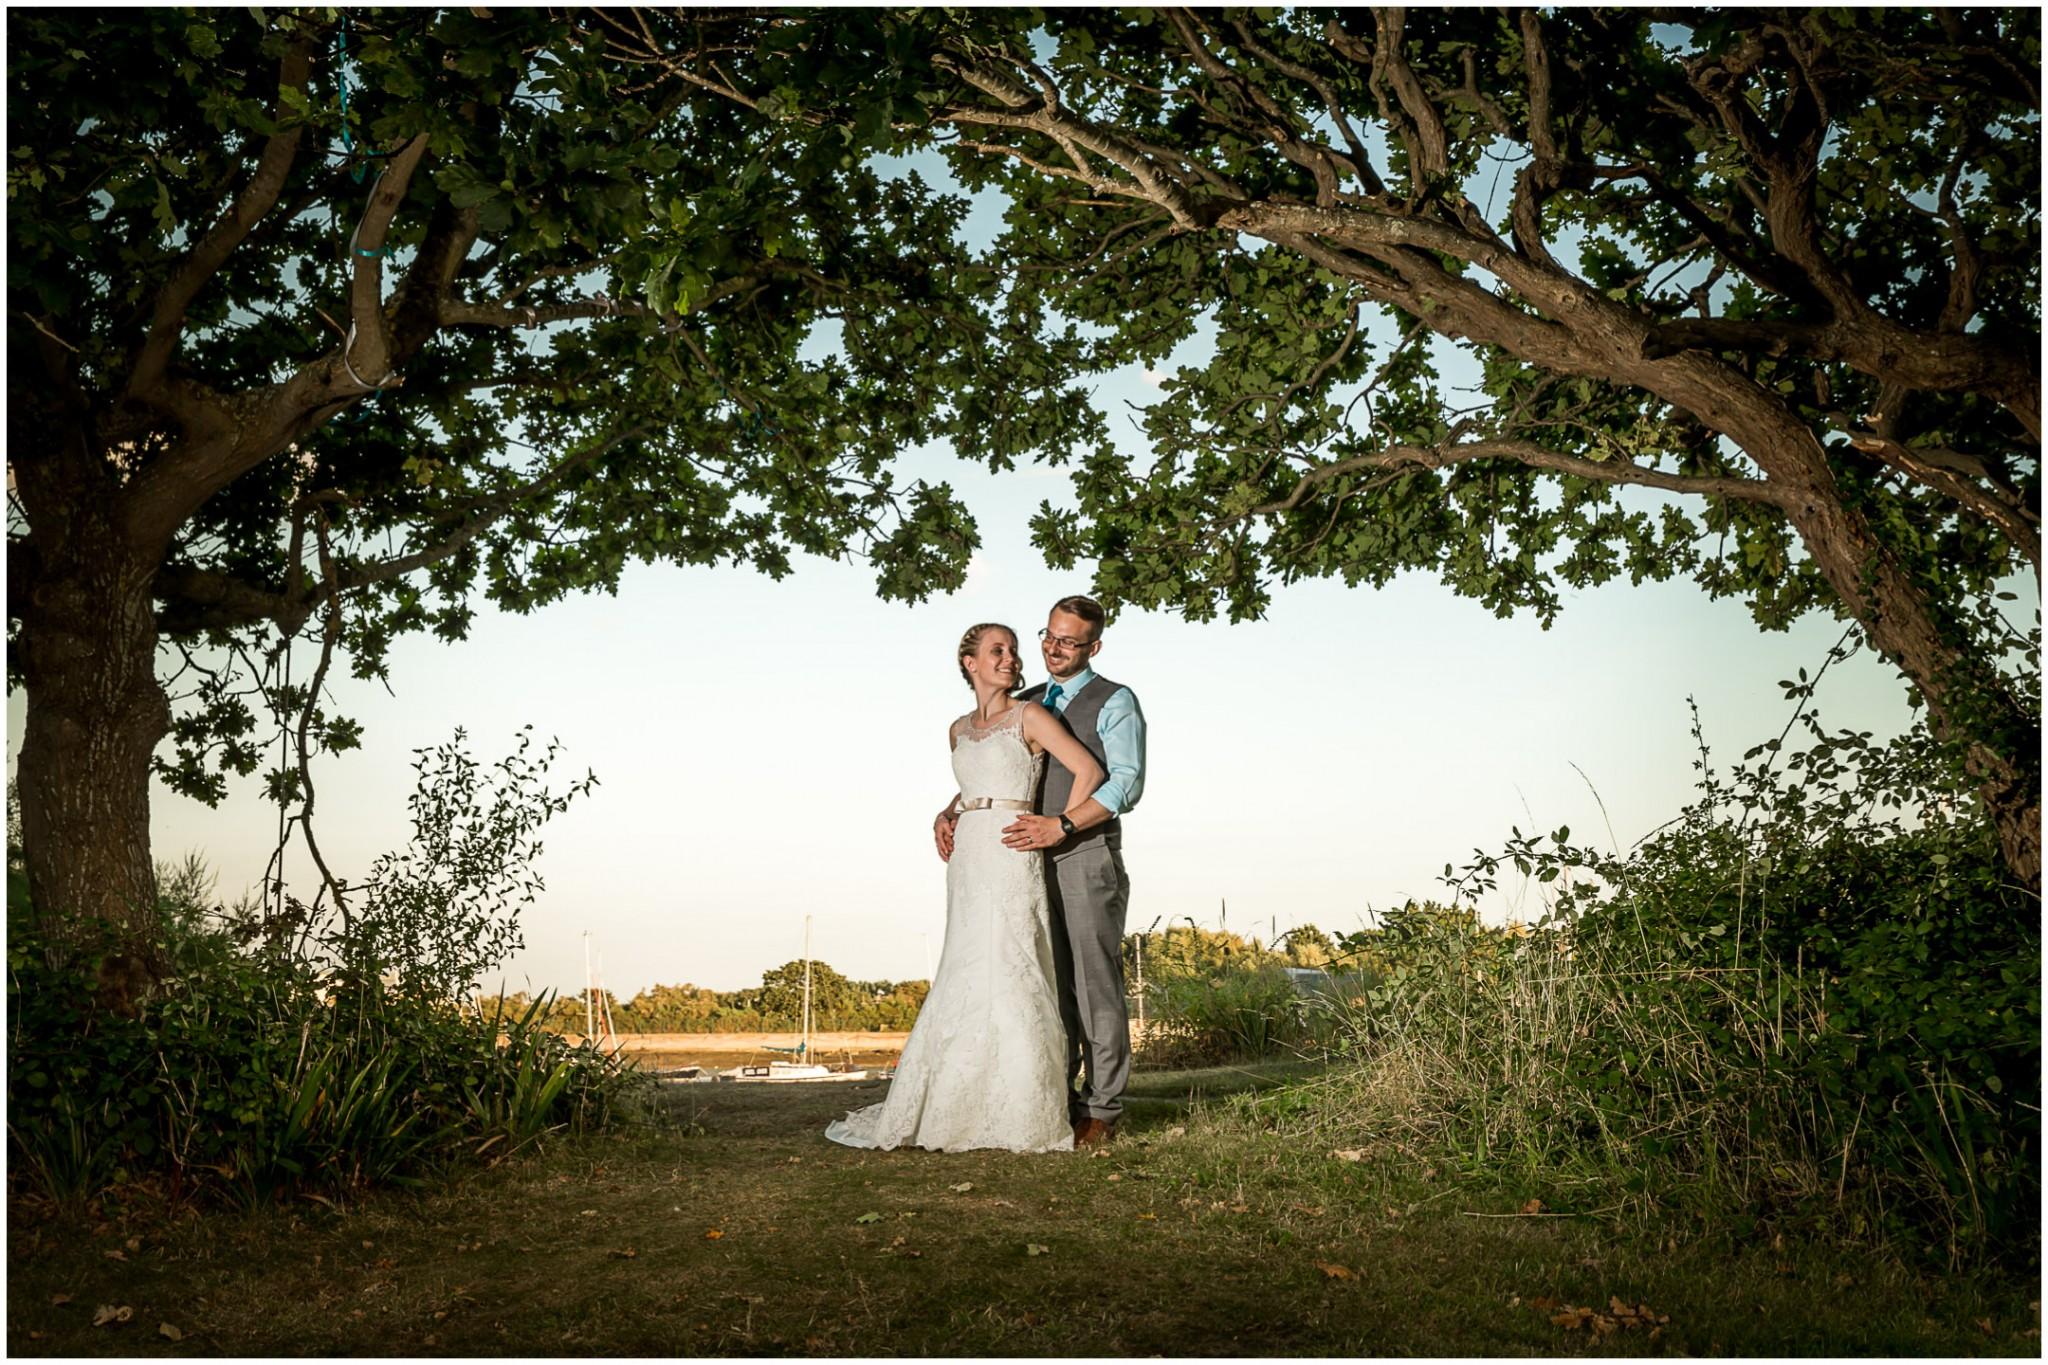 Tournerbury Woods Estate Wedding bride & Groom in tunnel of trees